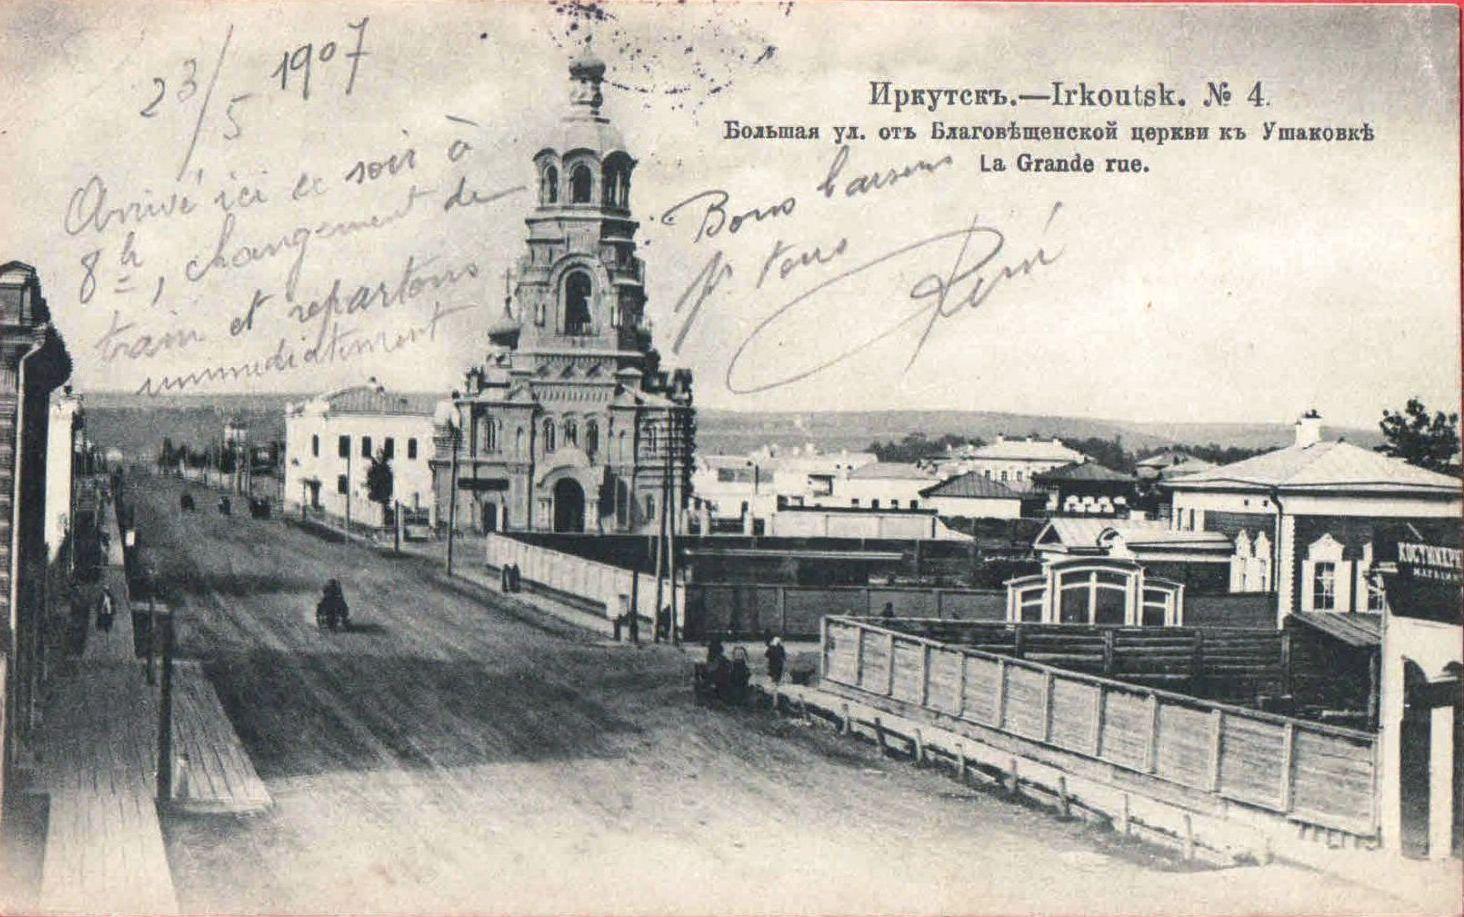 Угол улиц Большой и Благовещенской. Большая Улица от Благовещенской Церкви к Ушаковке